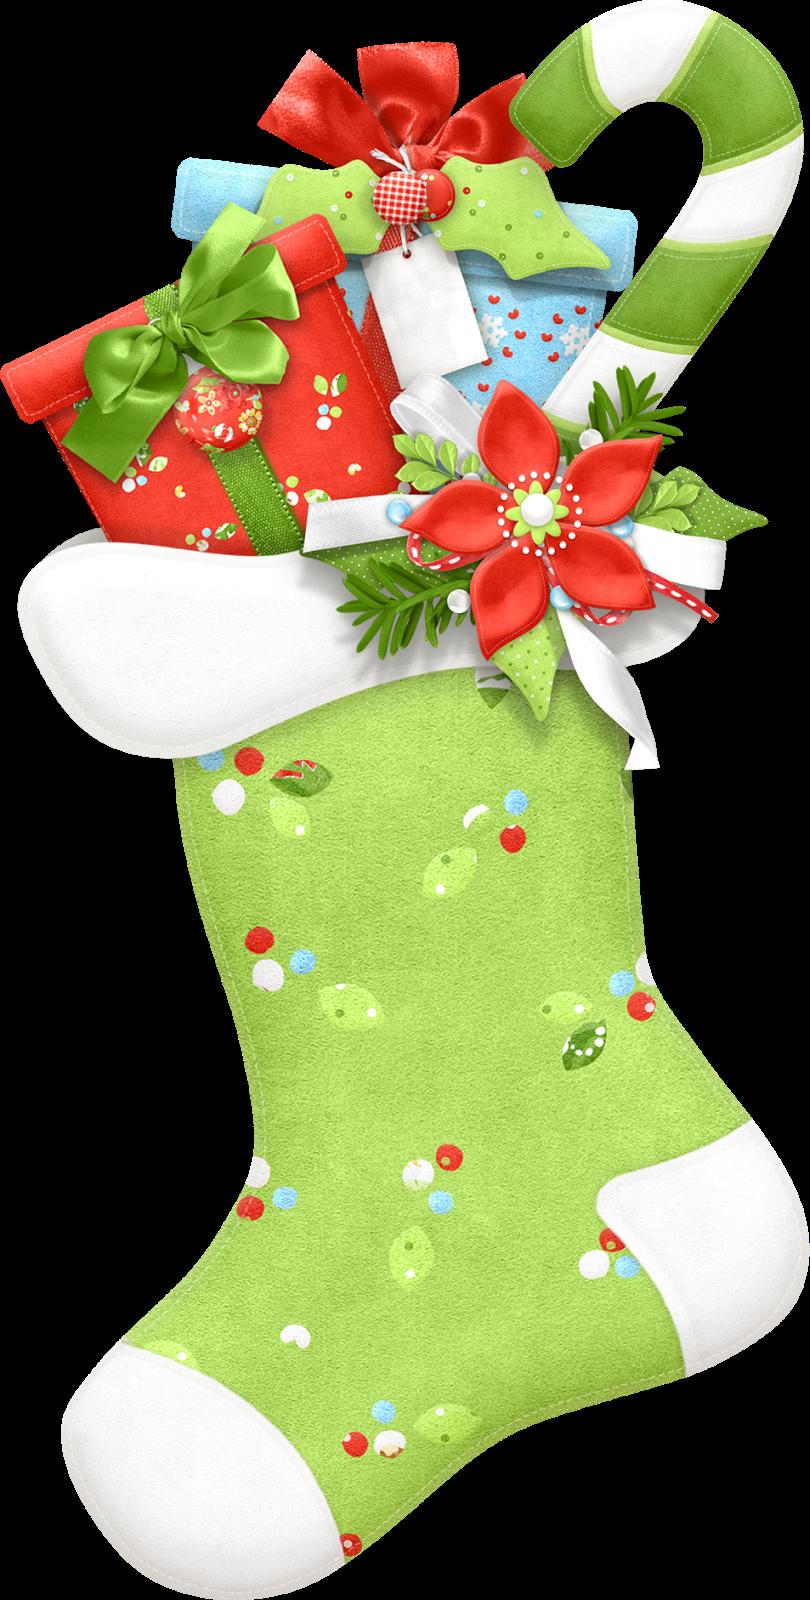 Ho ho holiday printouts to color - Christmas